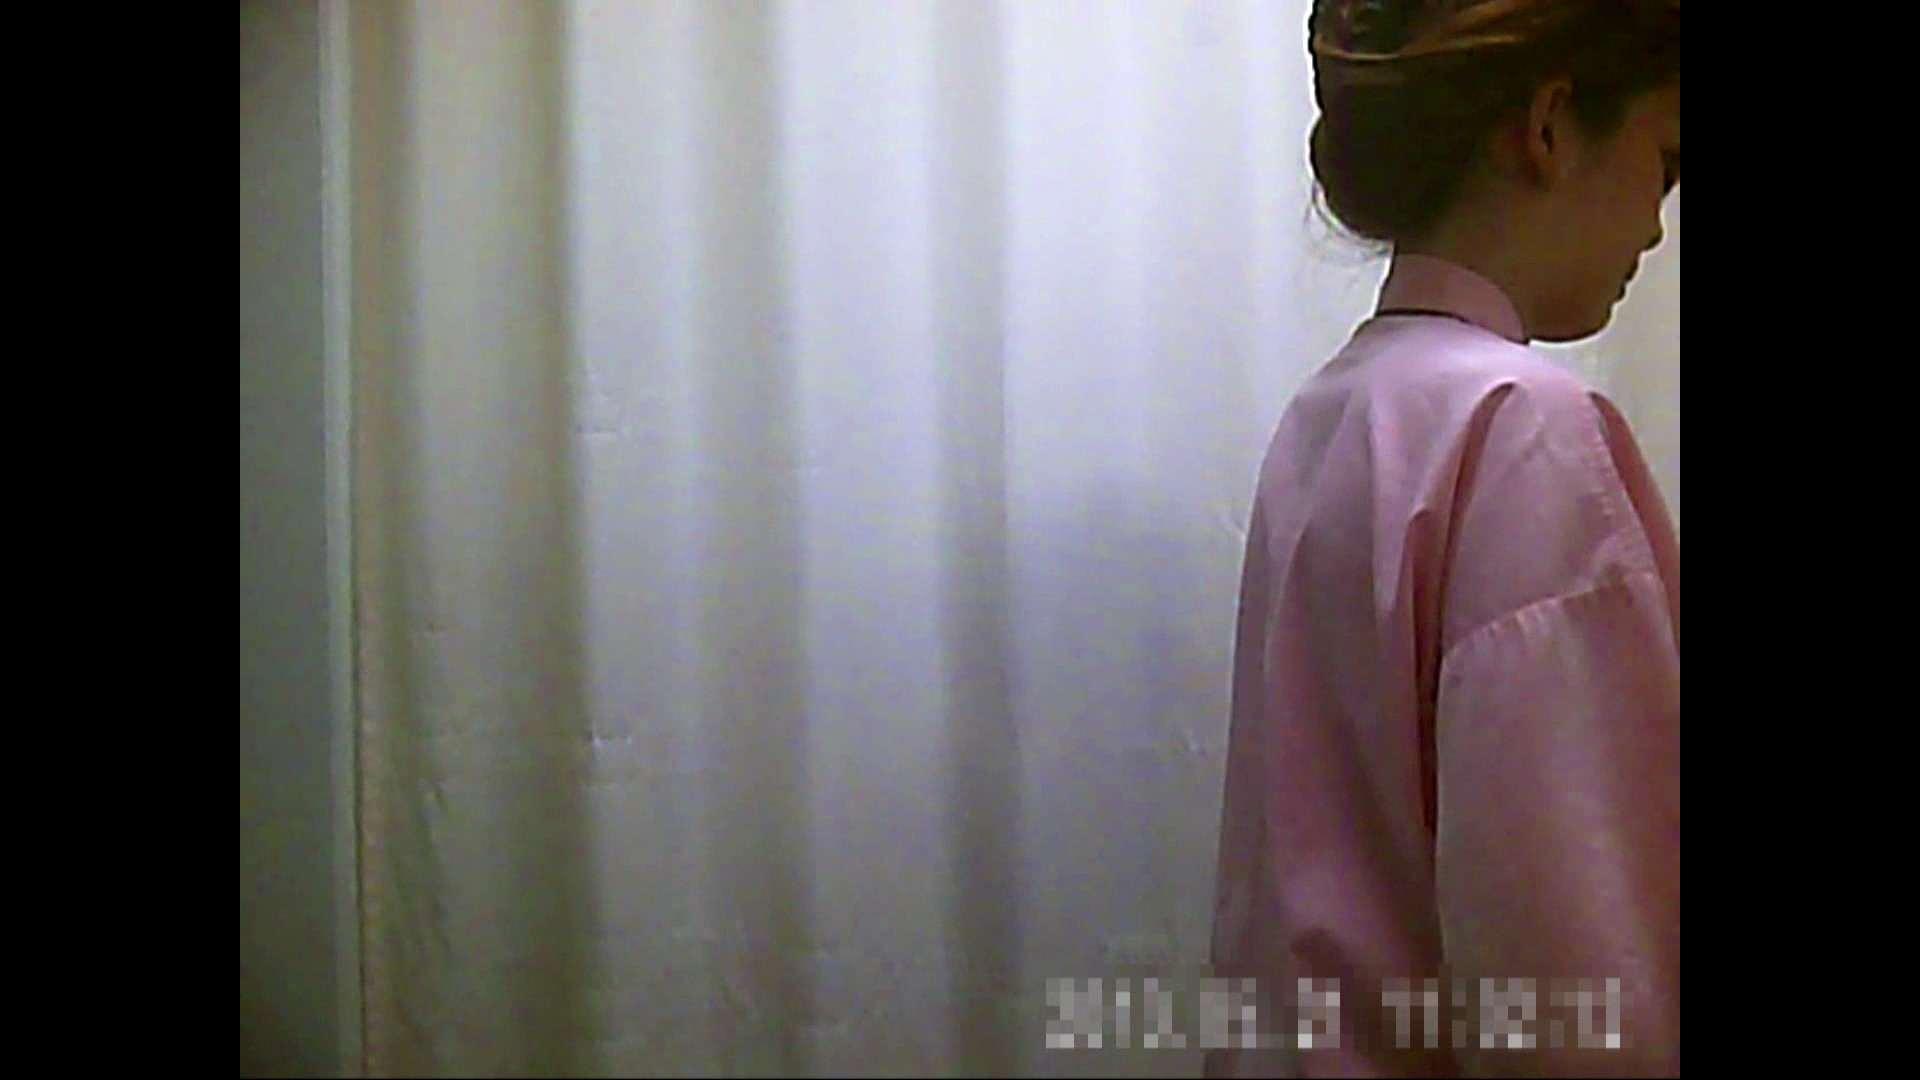 元医者による反抗 更衣室地獄絵巻 vol.046 ギャルズ オマンコ無修正動画無料 63画像 17